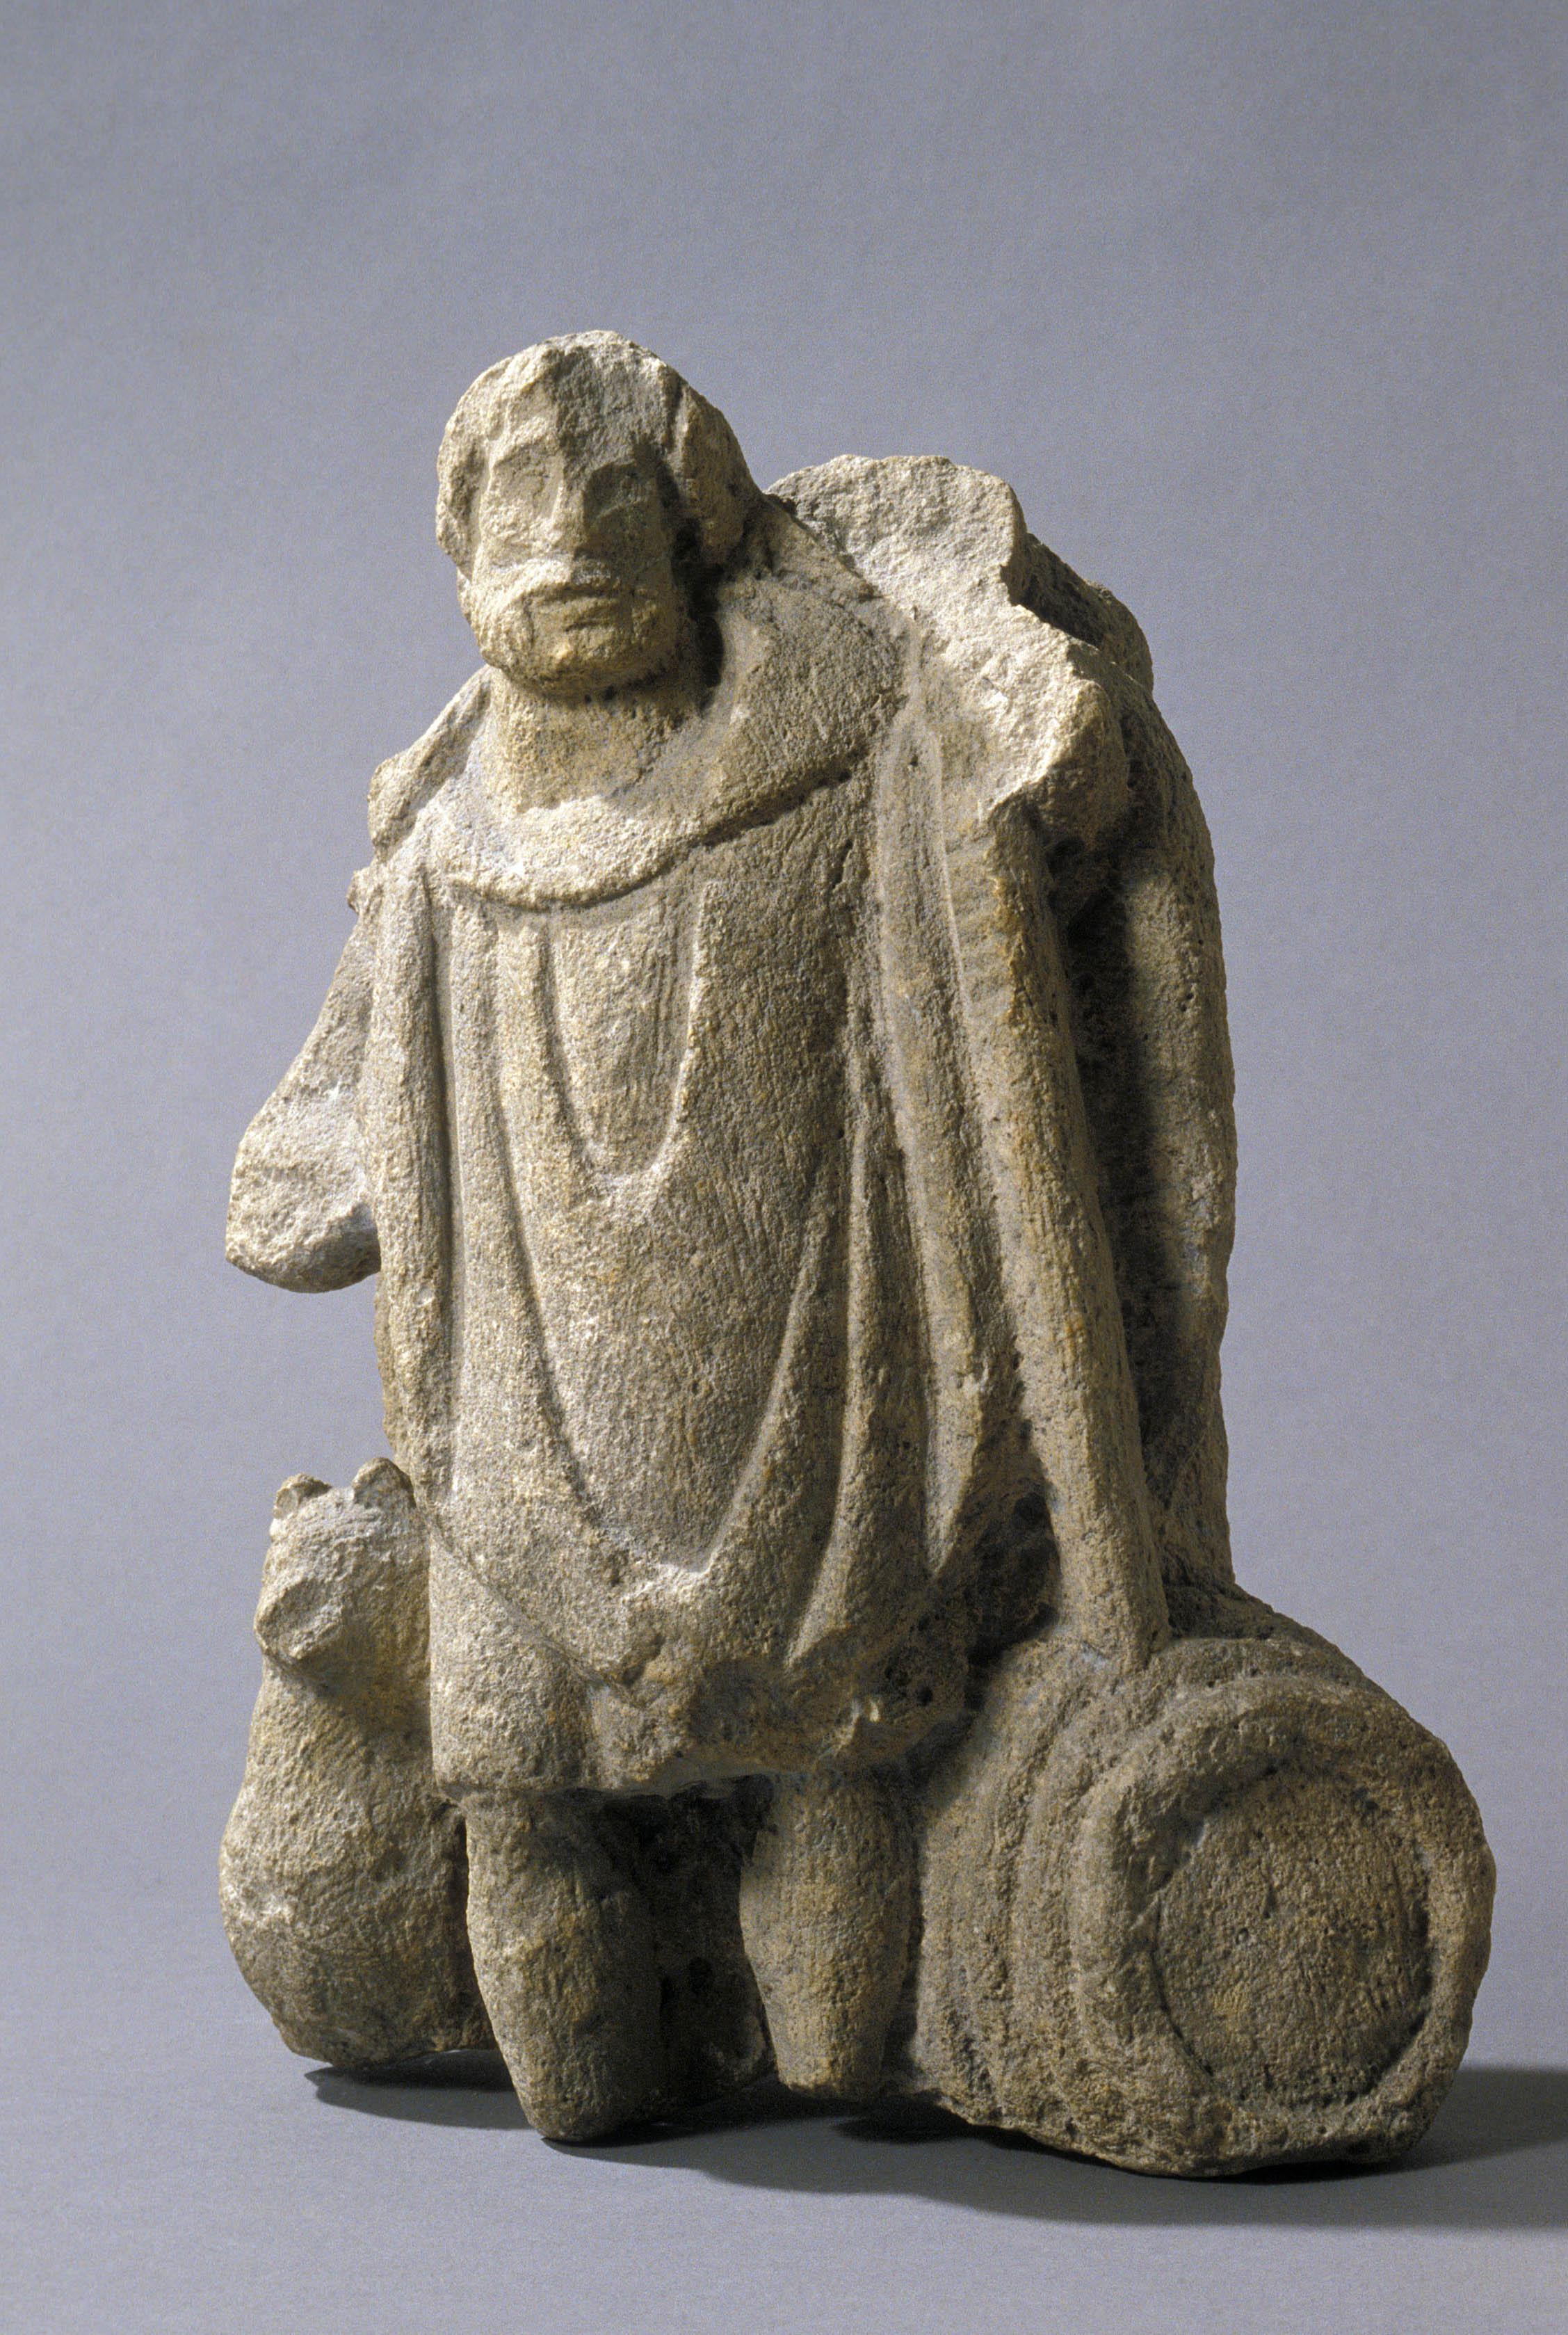 Musée archéologique de Dijon – ancienne abbaye Saint-Bénigne